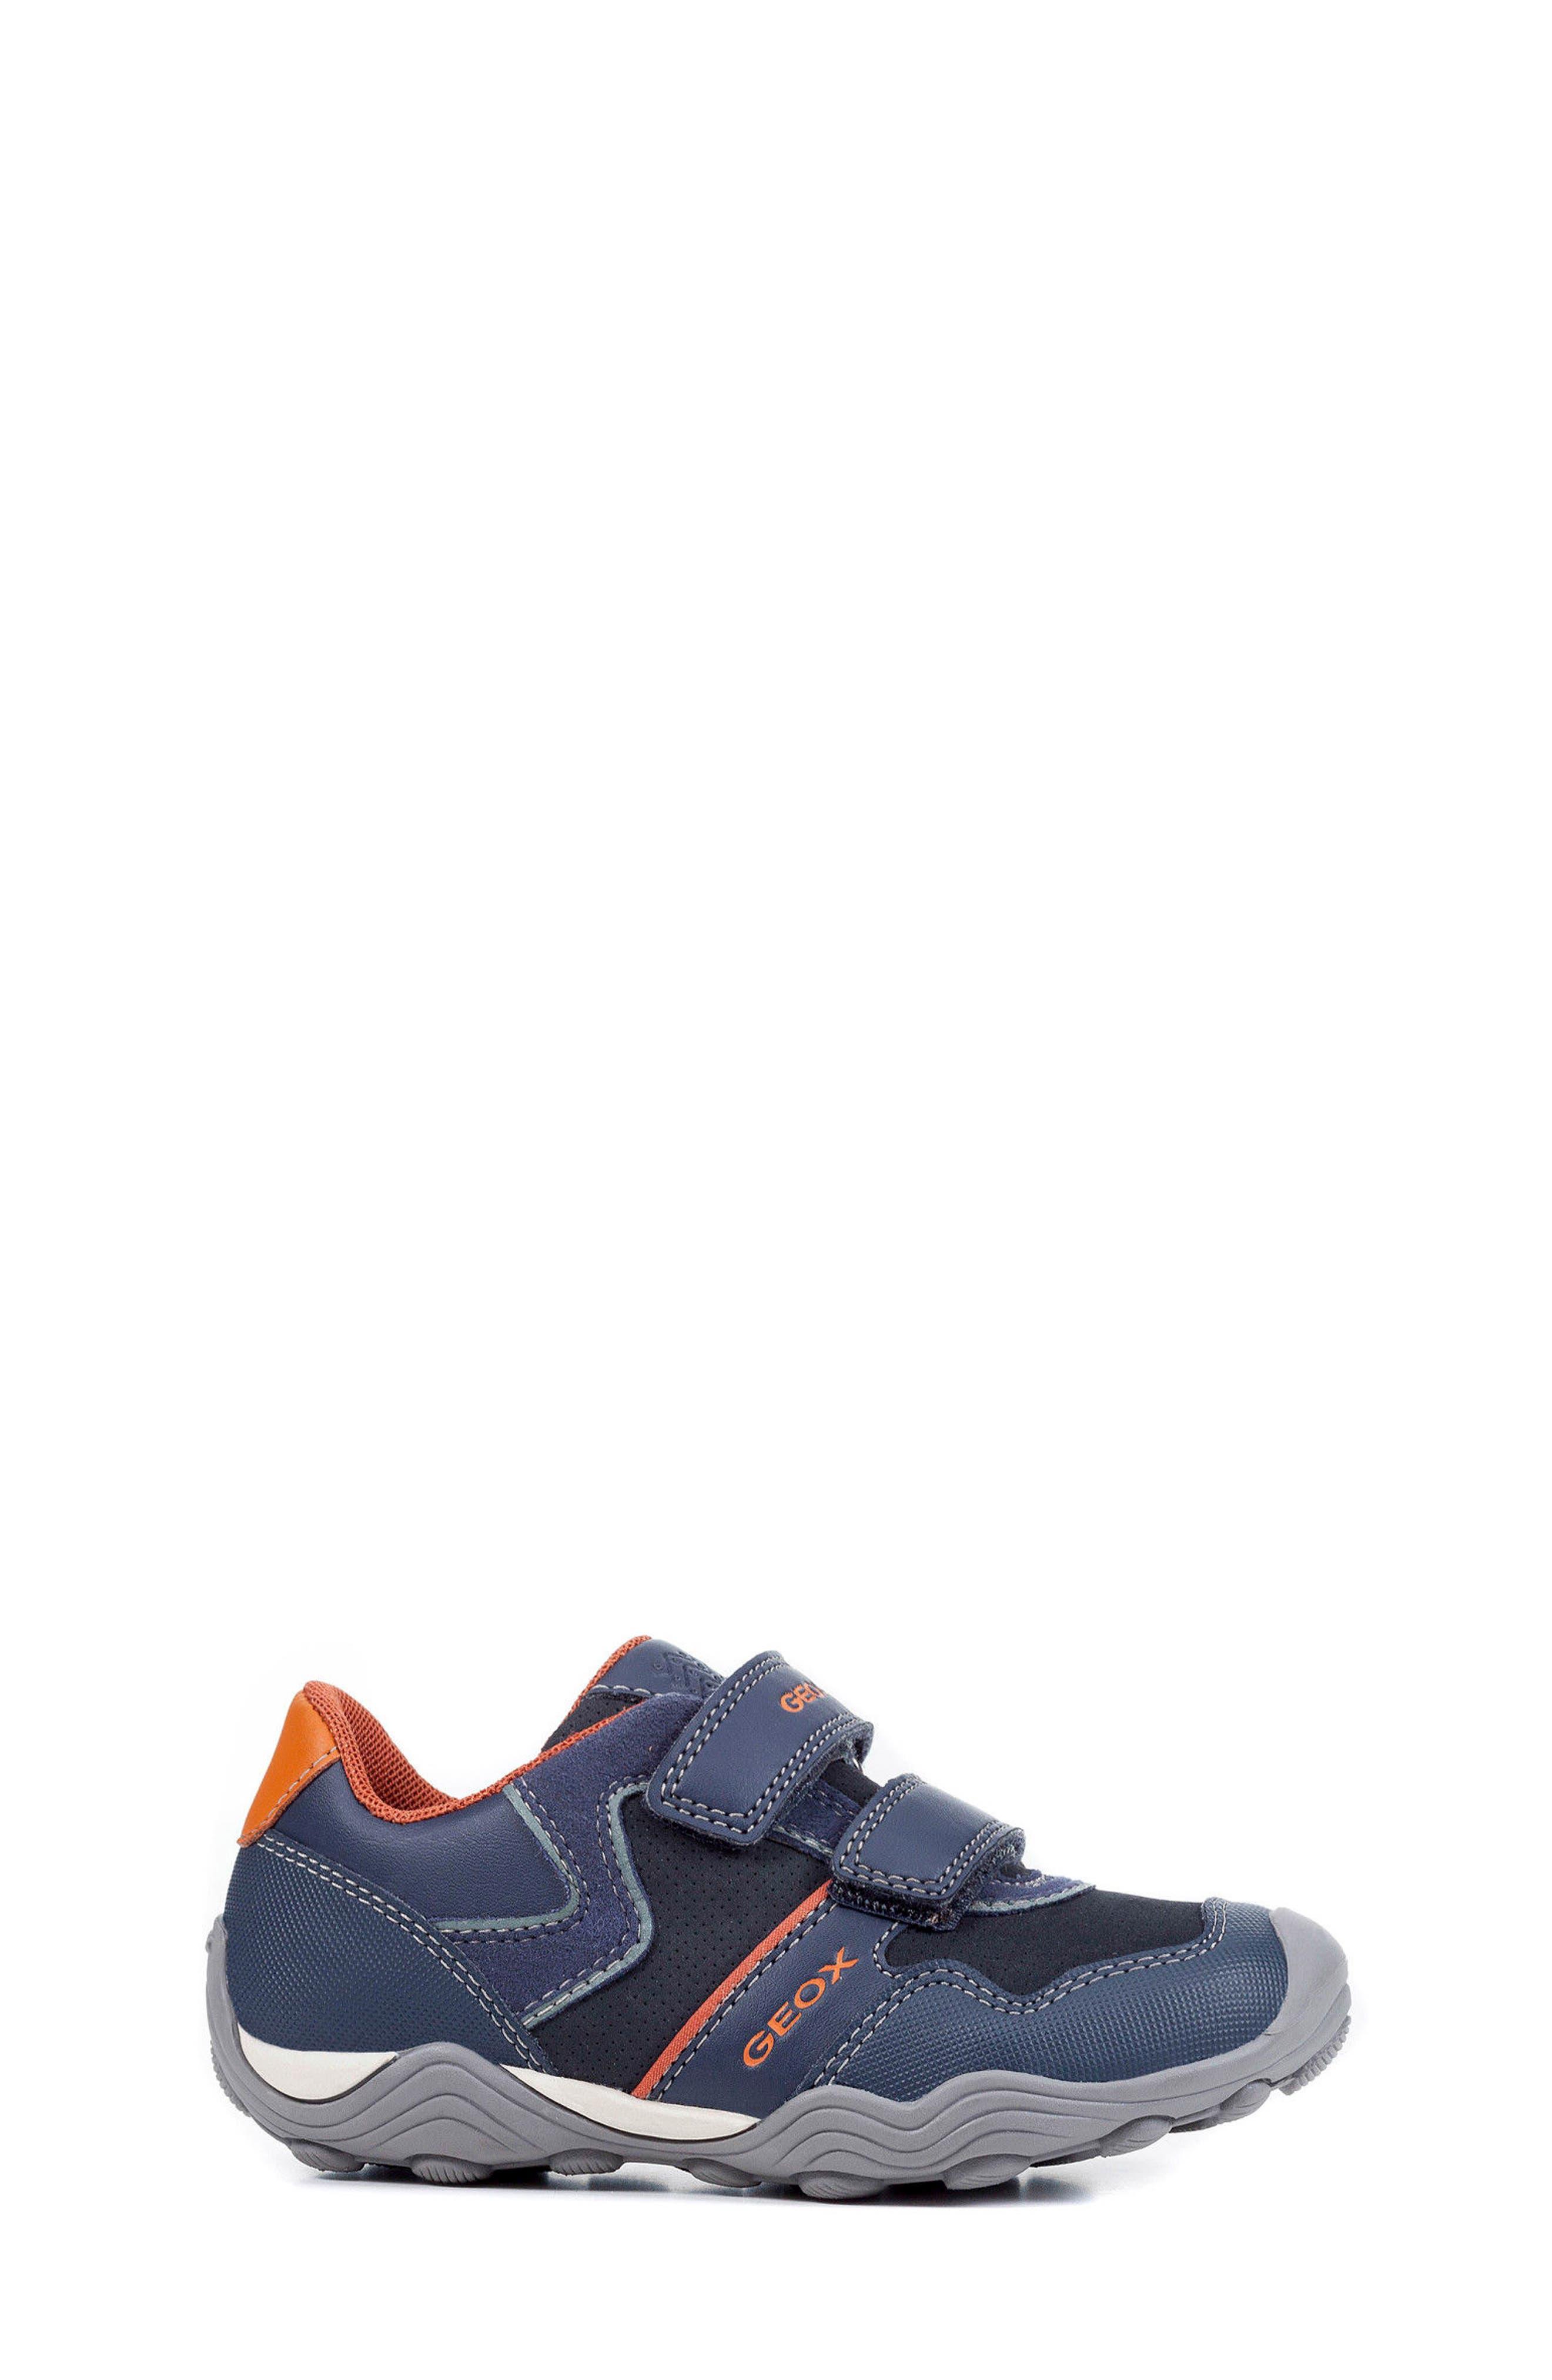 Jr Arno 13 Sneaker,                             Alternate thumbnail 3, color,                             NAVY/ DARK ORANGE